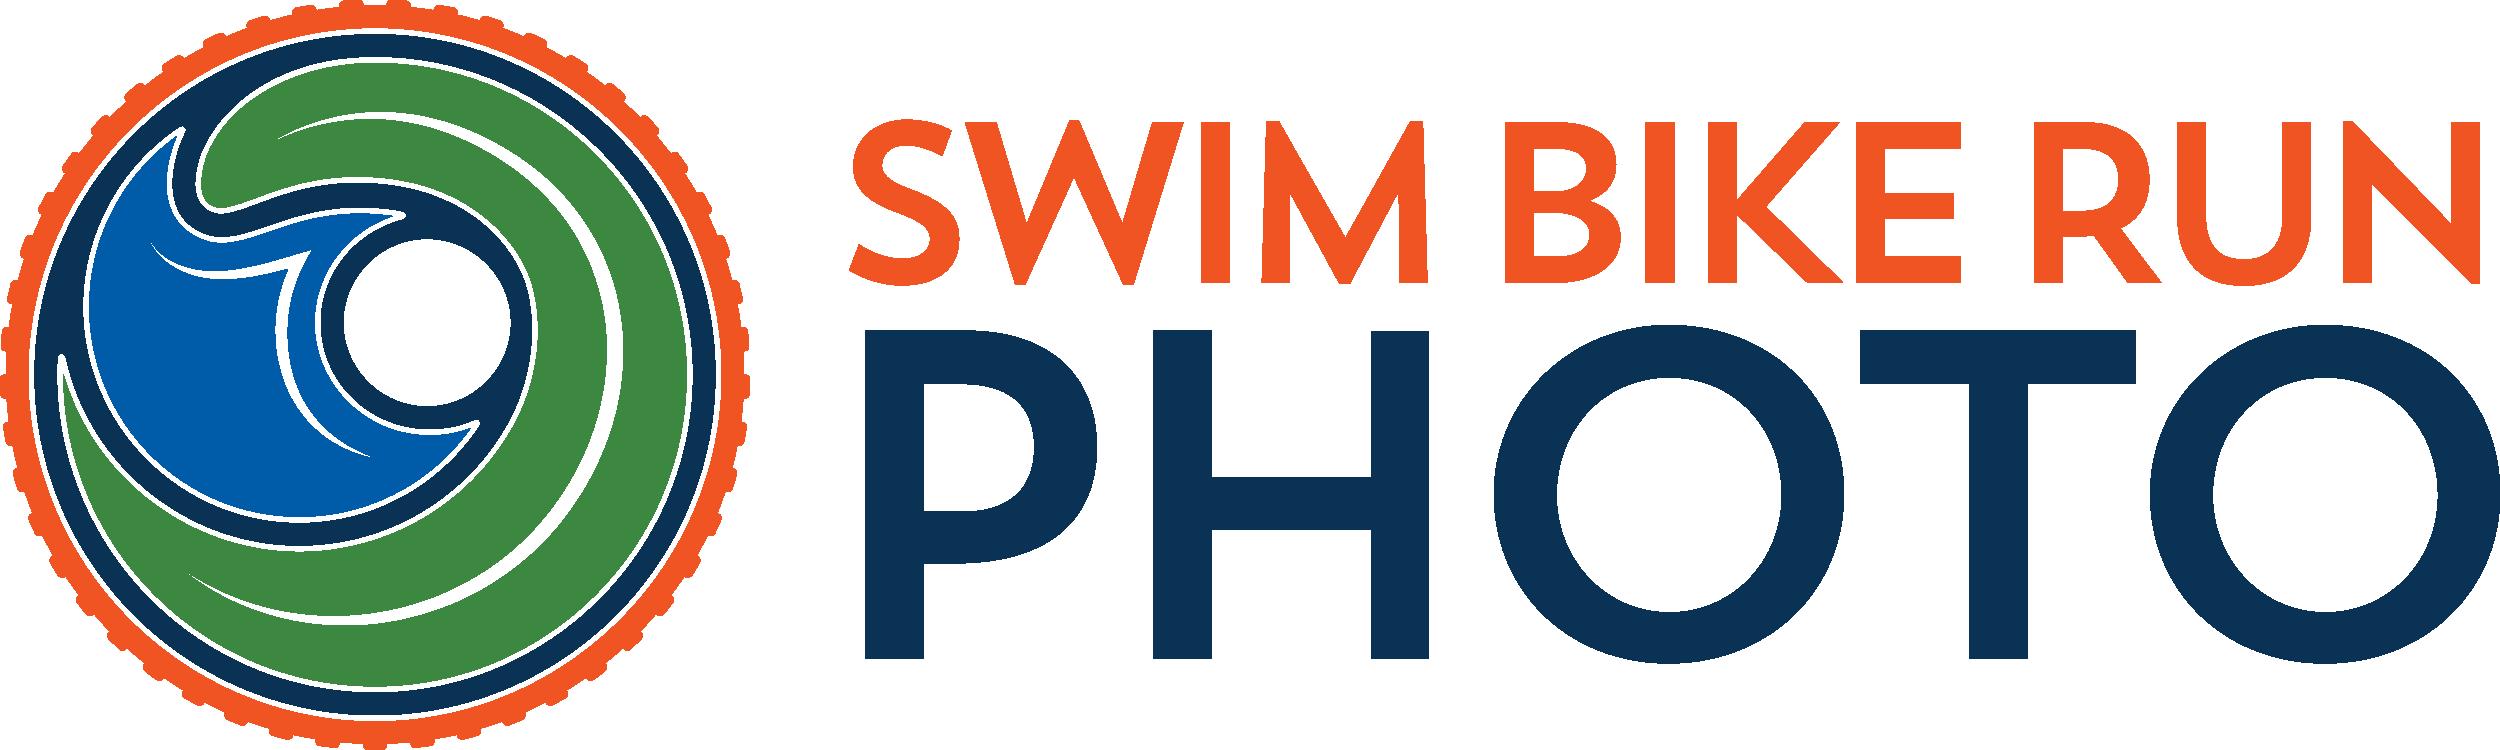 Swim Bike Run Photo (SBRP)